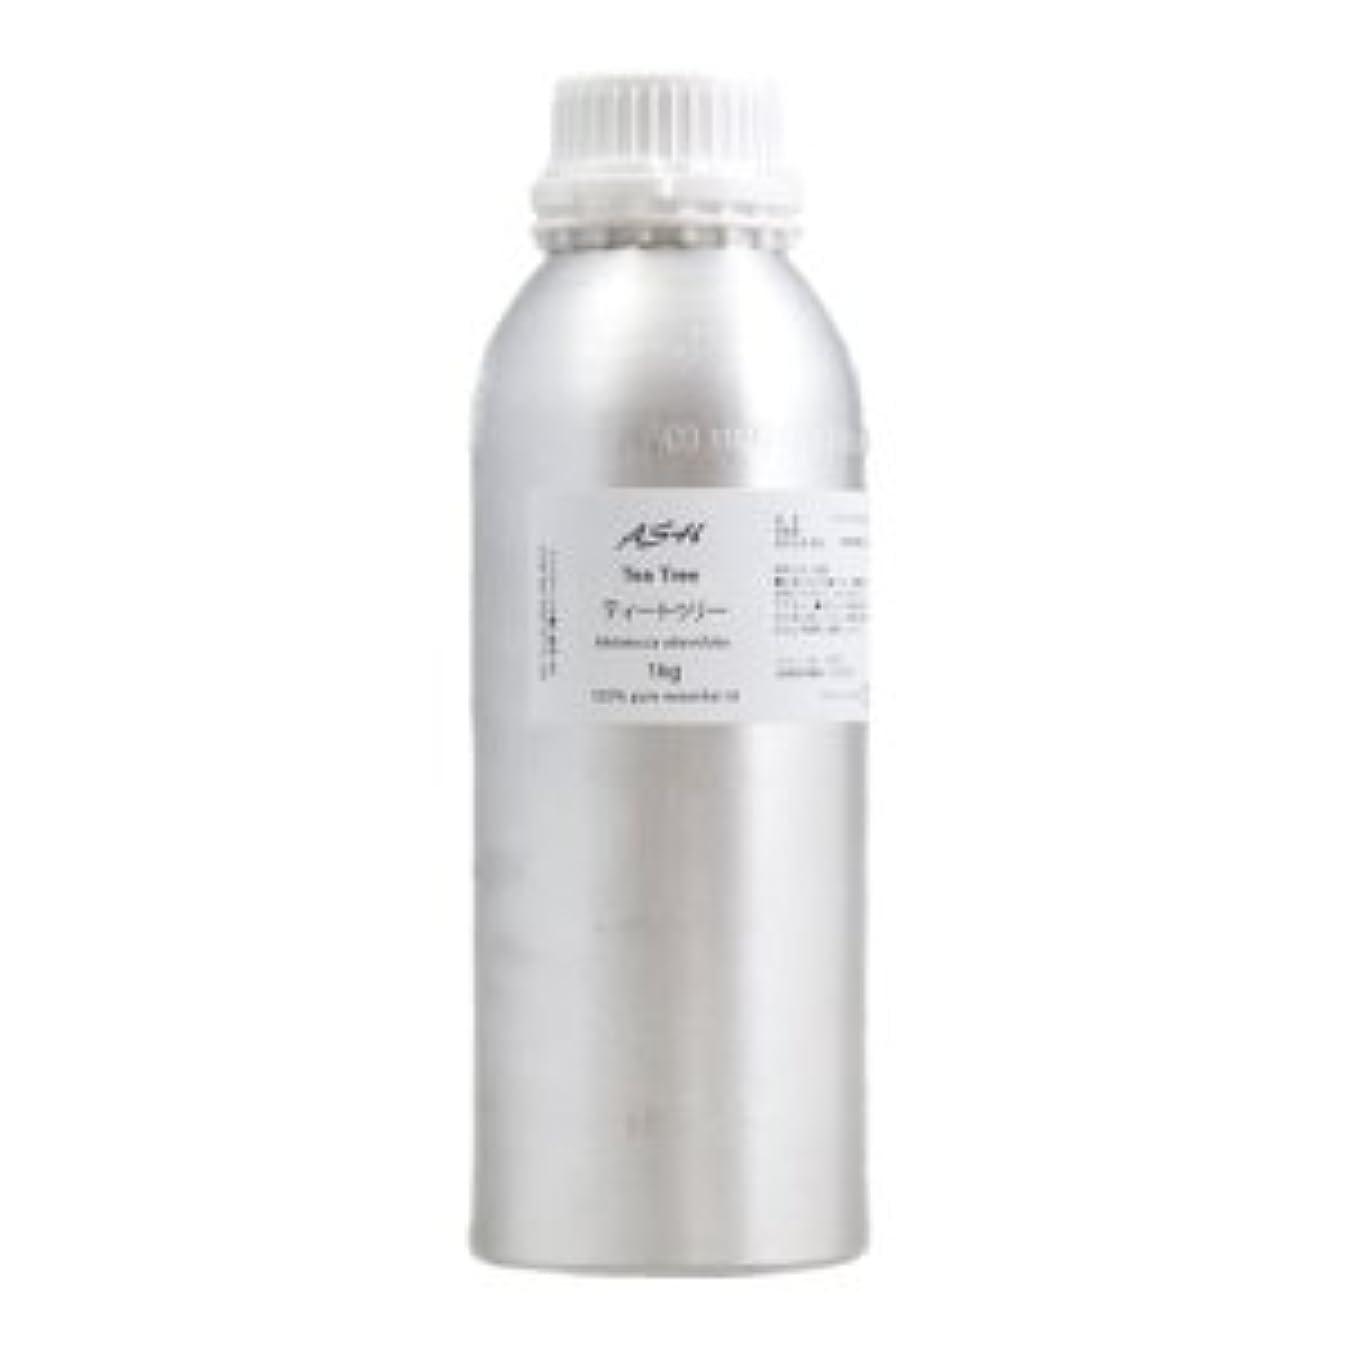 外観セーブ出血ASH ティートゥリー (ティーツリー) エッセンシャルオイル 業務用1kg AEAJ表示基準適合認定精油